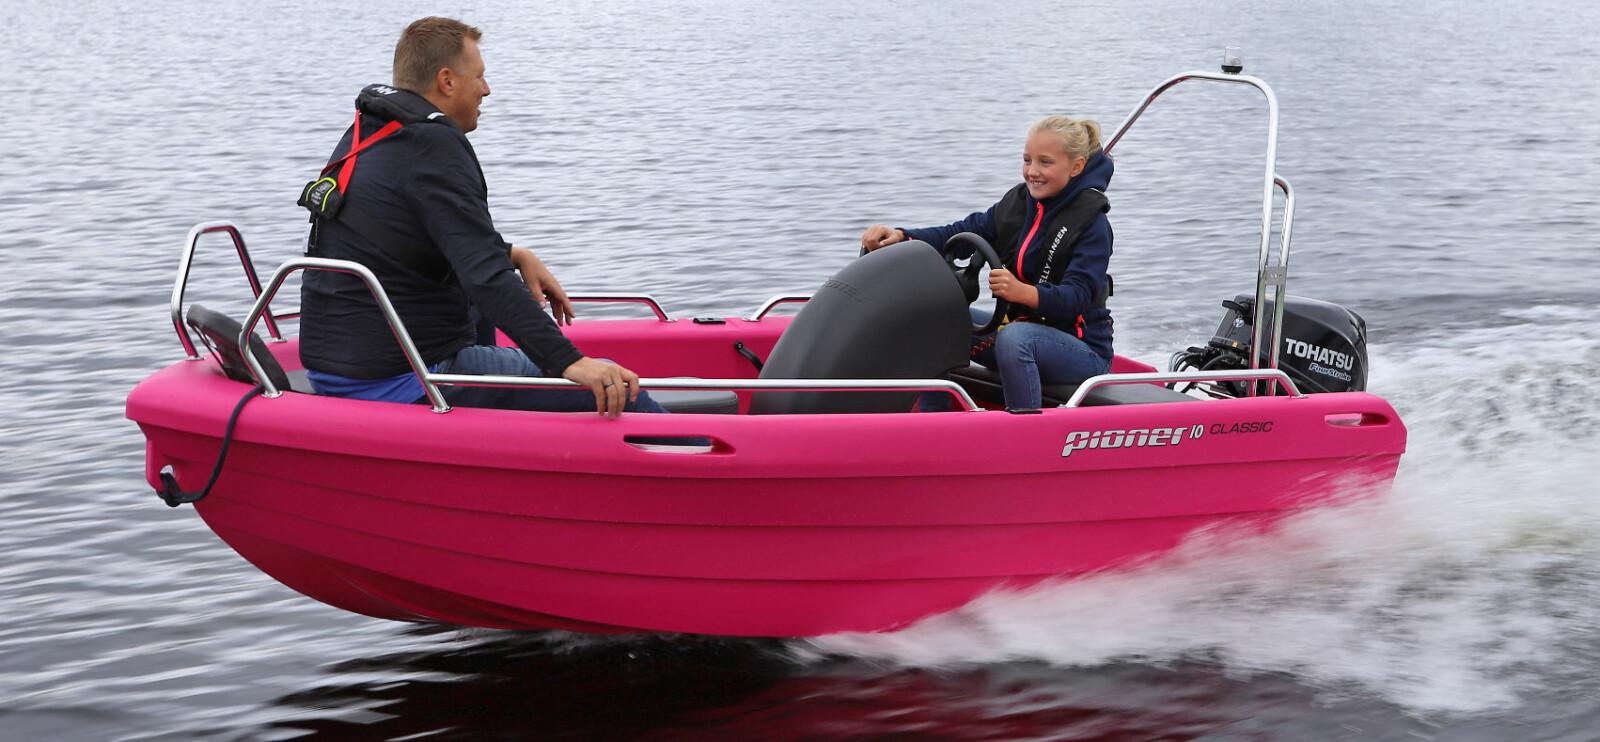 KJØREGLEDE: Med full utstyrspakke, lekker rosafarge og morsomme jolleegenskaper kommer det fort et smil om munnen om bord i Pioner 10 Classic.